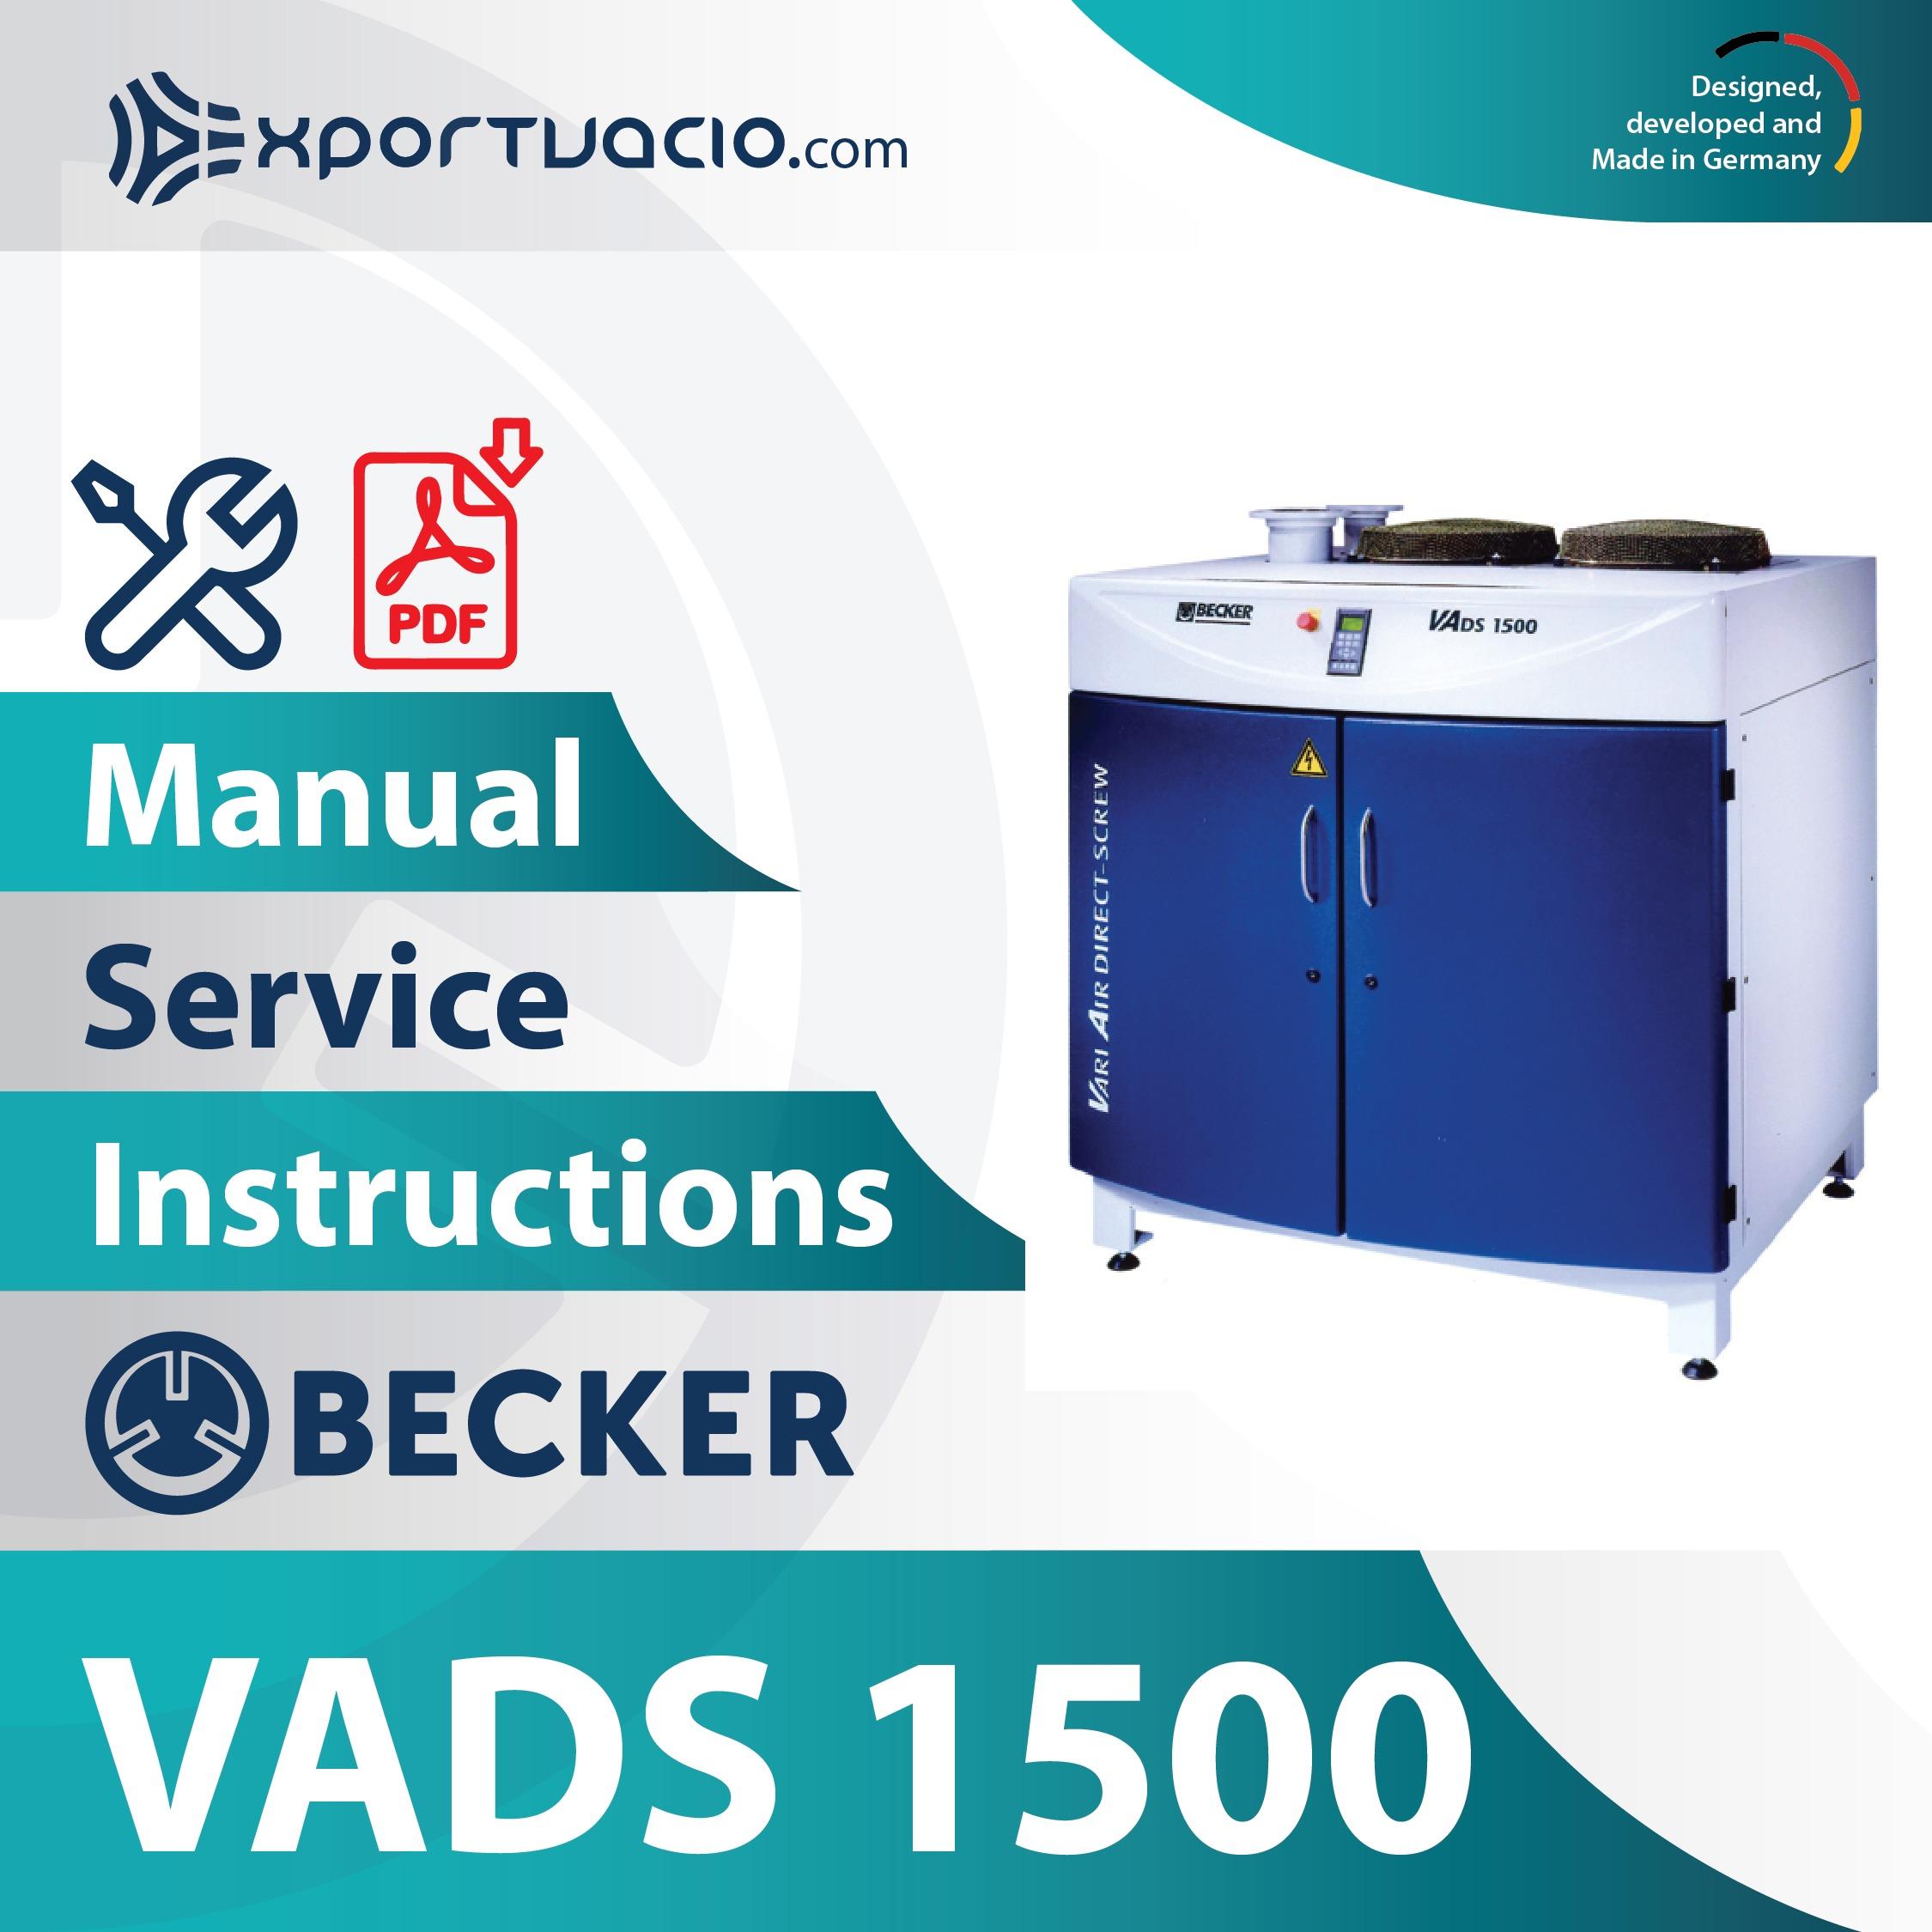 Becker VADS 1500